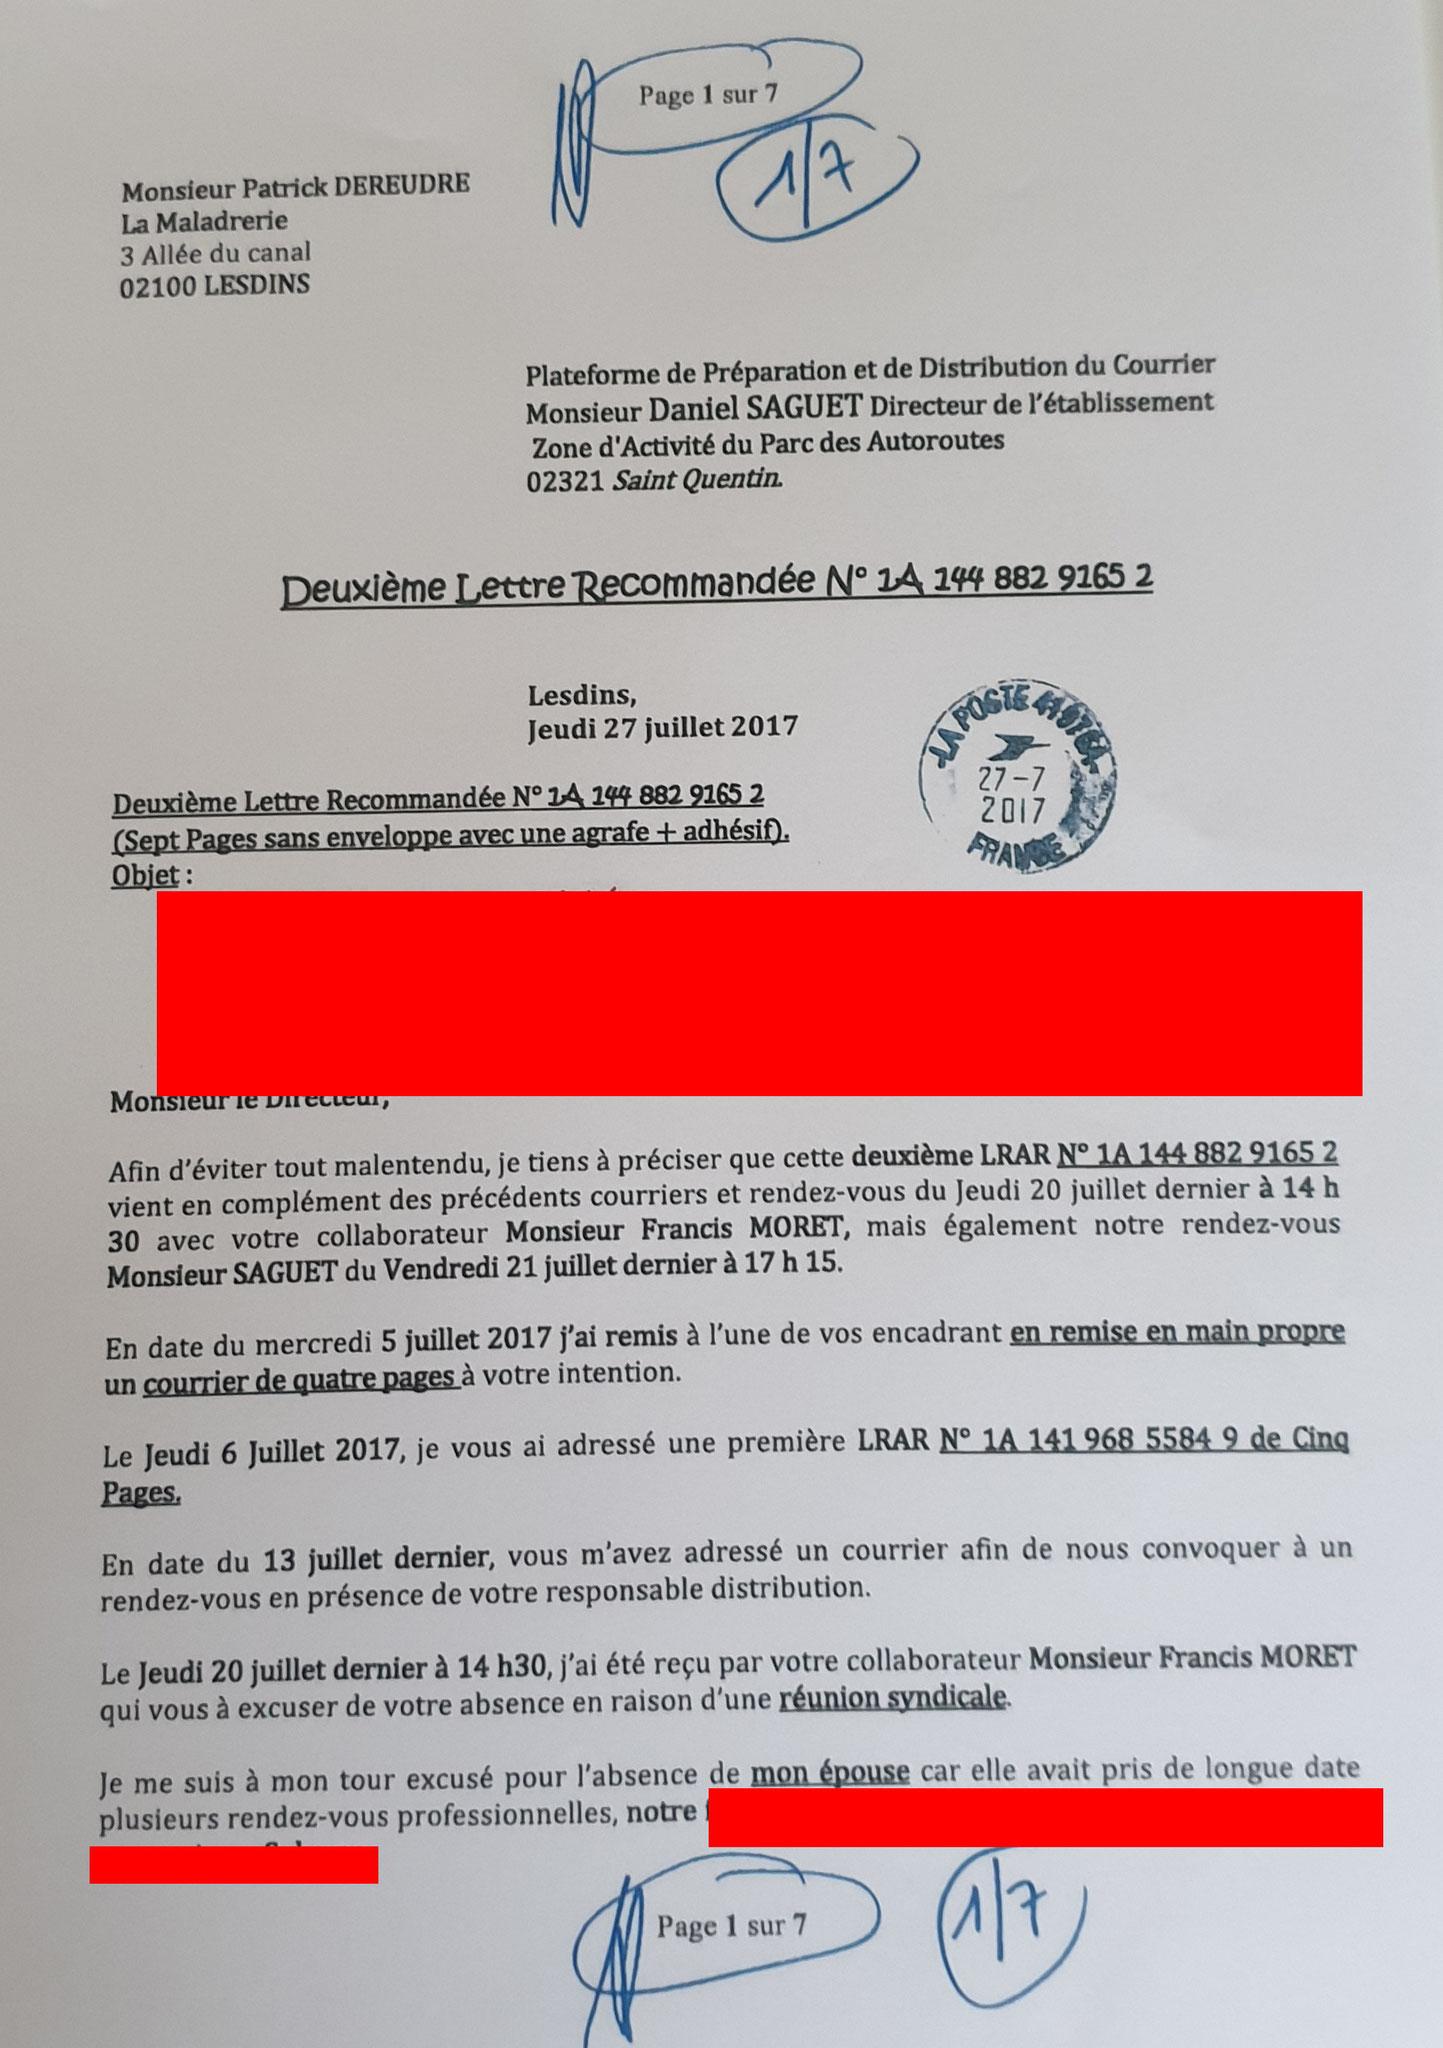 Le 27 Juillet 2017 j'adresse une deuxième LRAR N0 1A 144 882 9165 2 de sept pages en couleurs www.jenesuispasunchien.fr www.jesuisvictime.fr www.jesuispatrick.fr